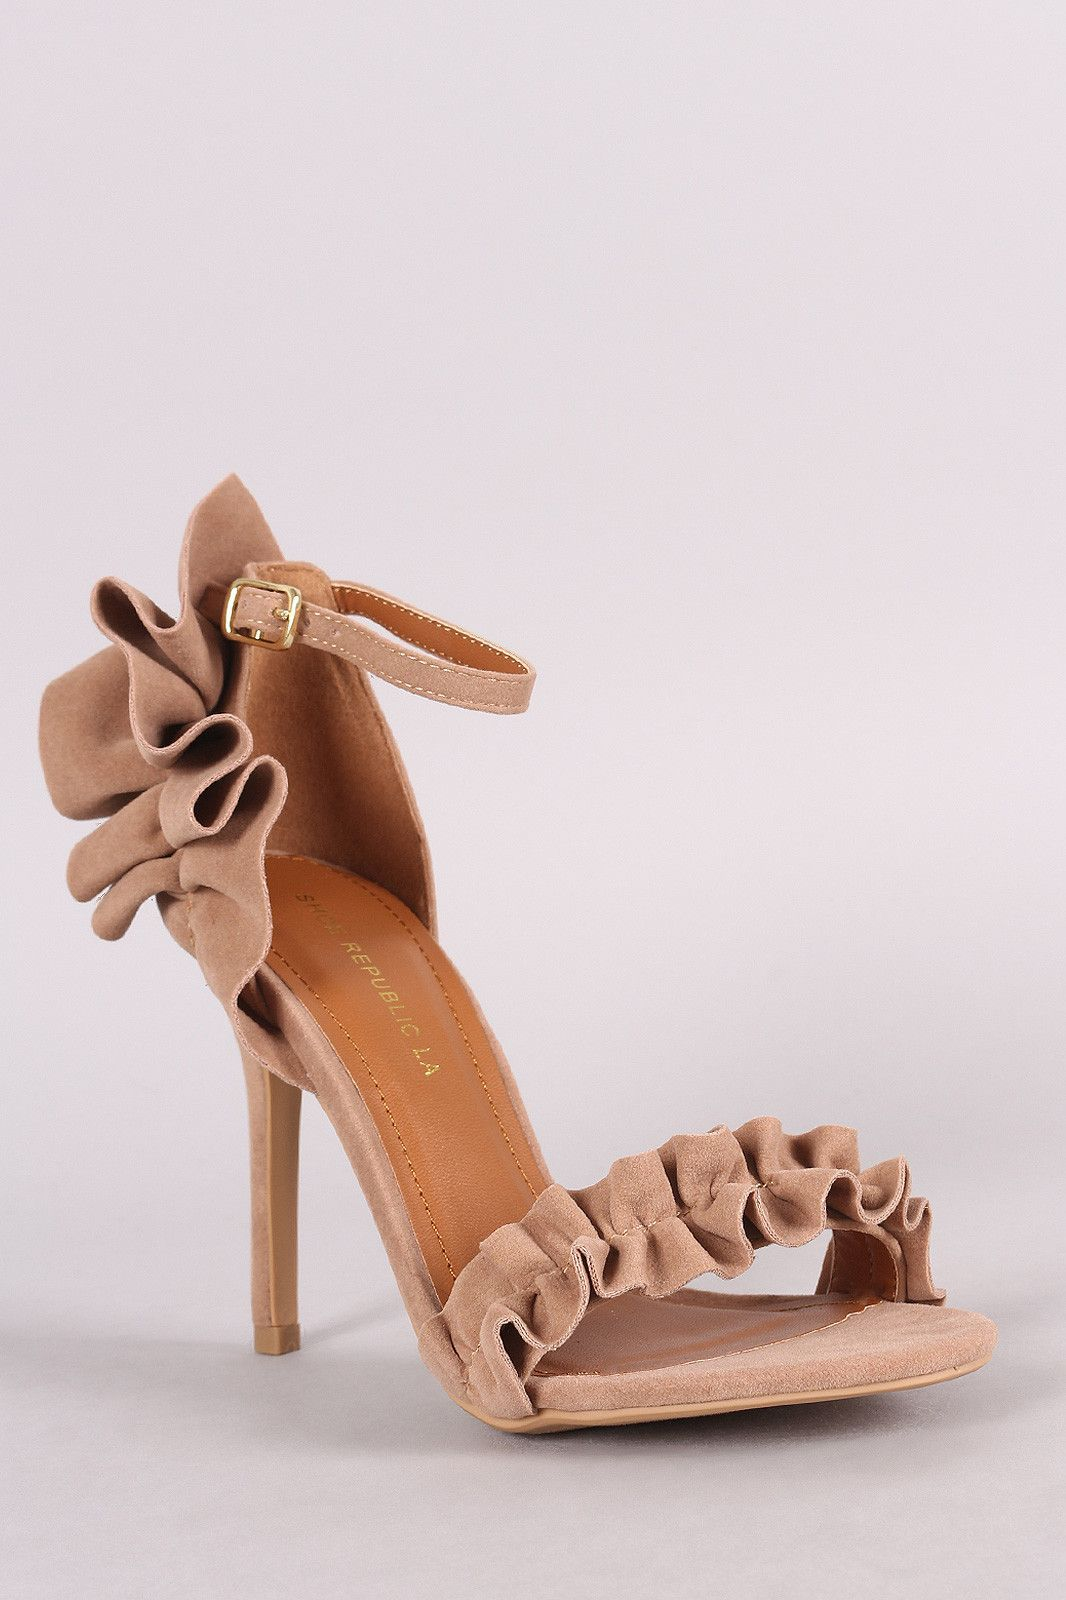 Shoe Republic LA Suede Ruffle-Trimmed Ankle Strap Heel